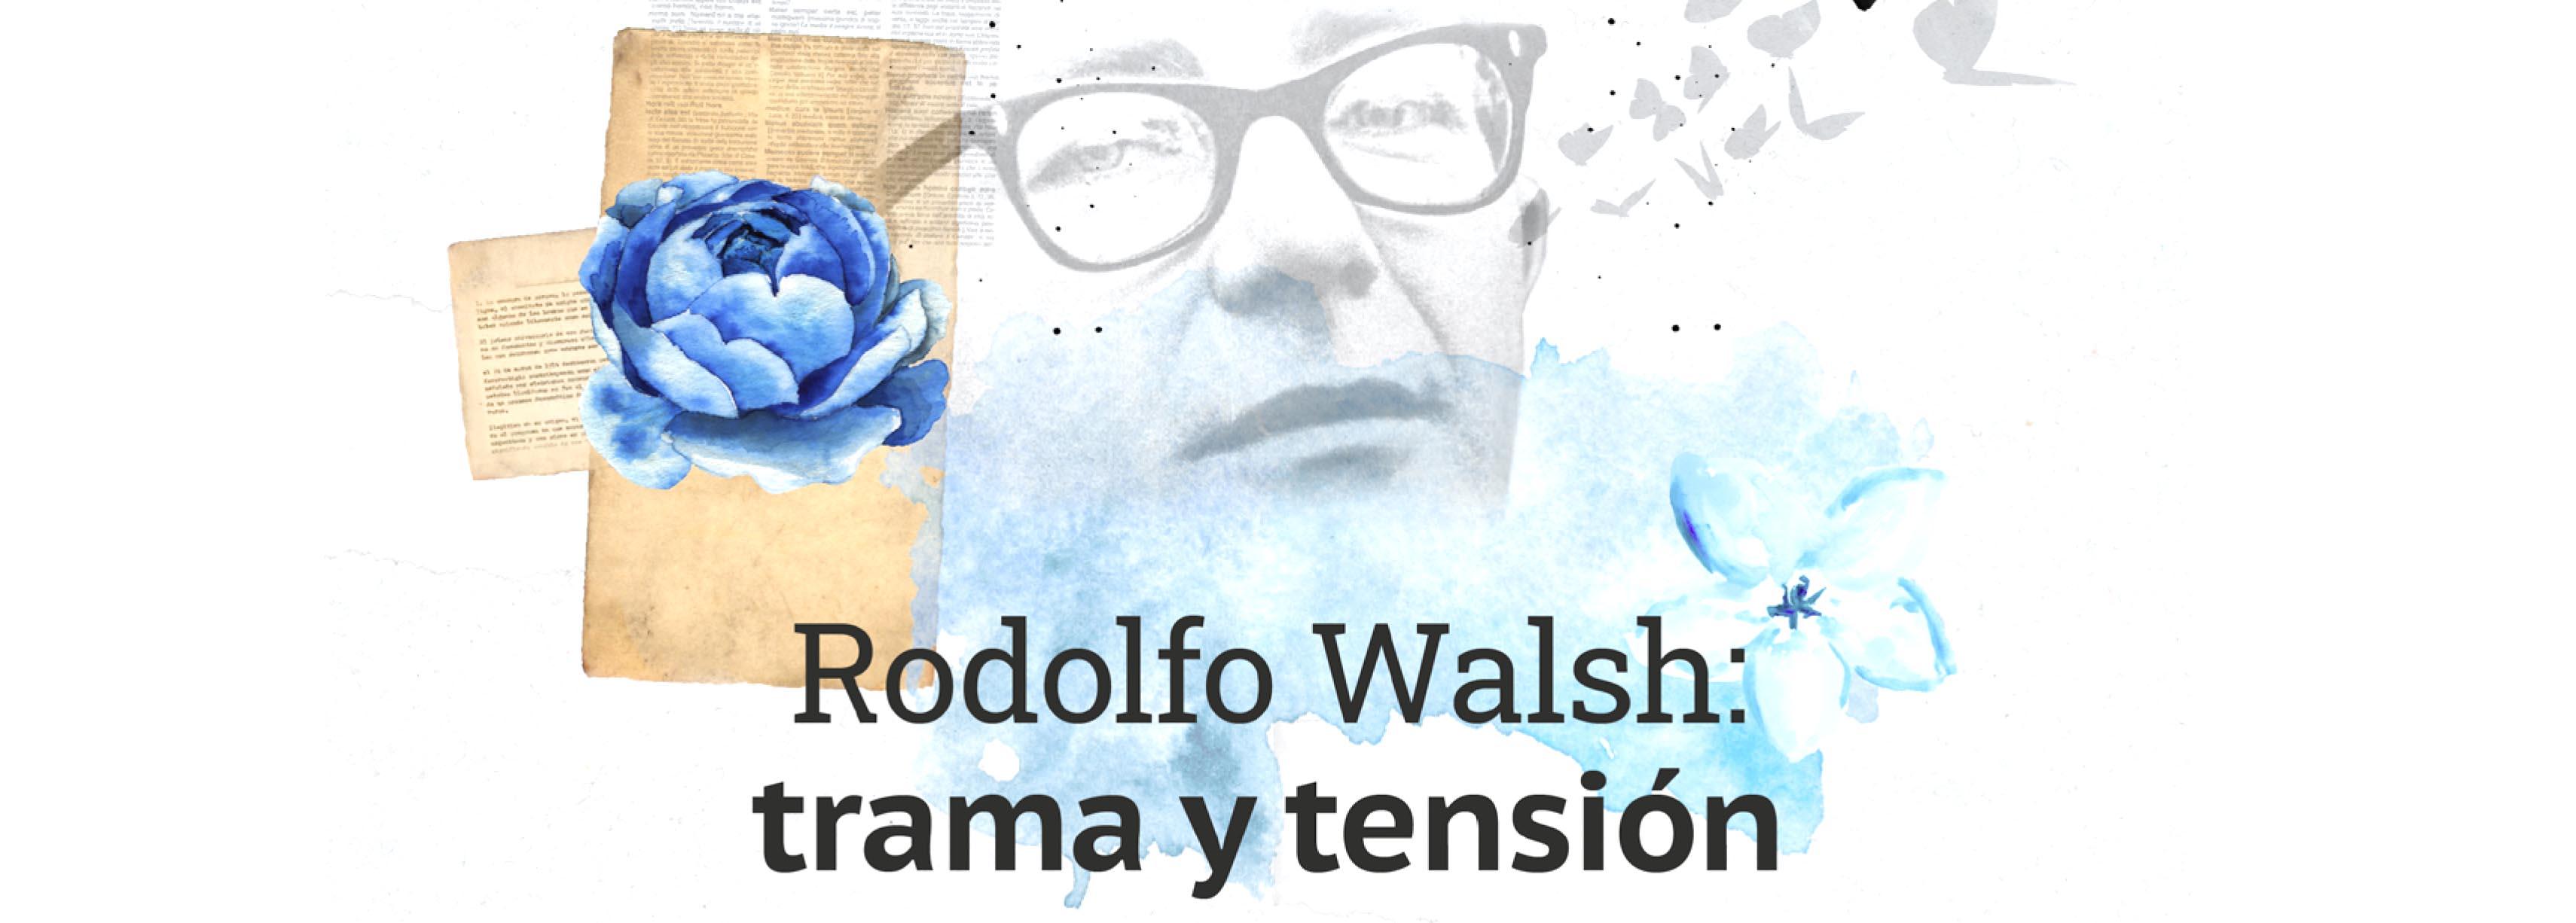 Rodolfo Walsh: trama y tensión